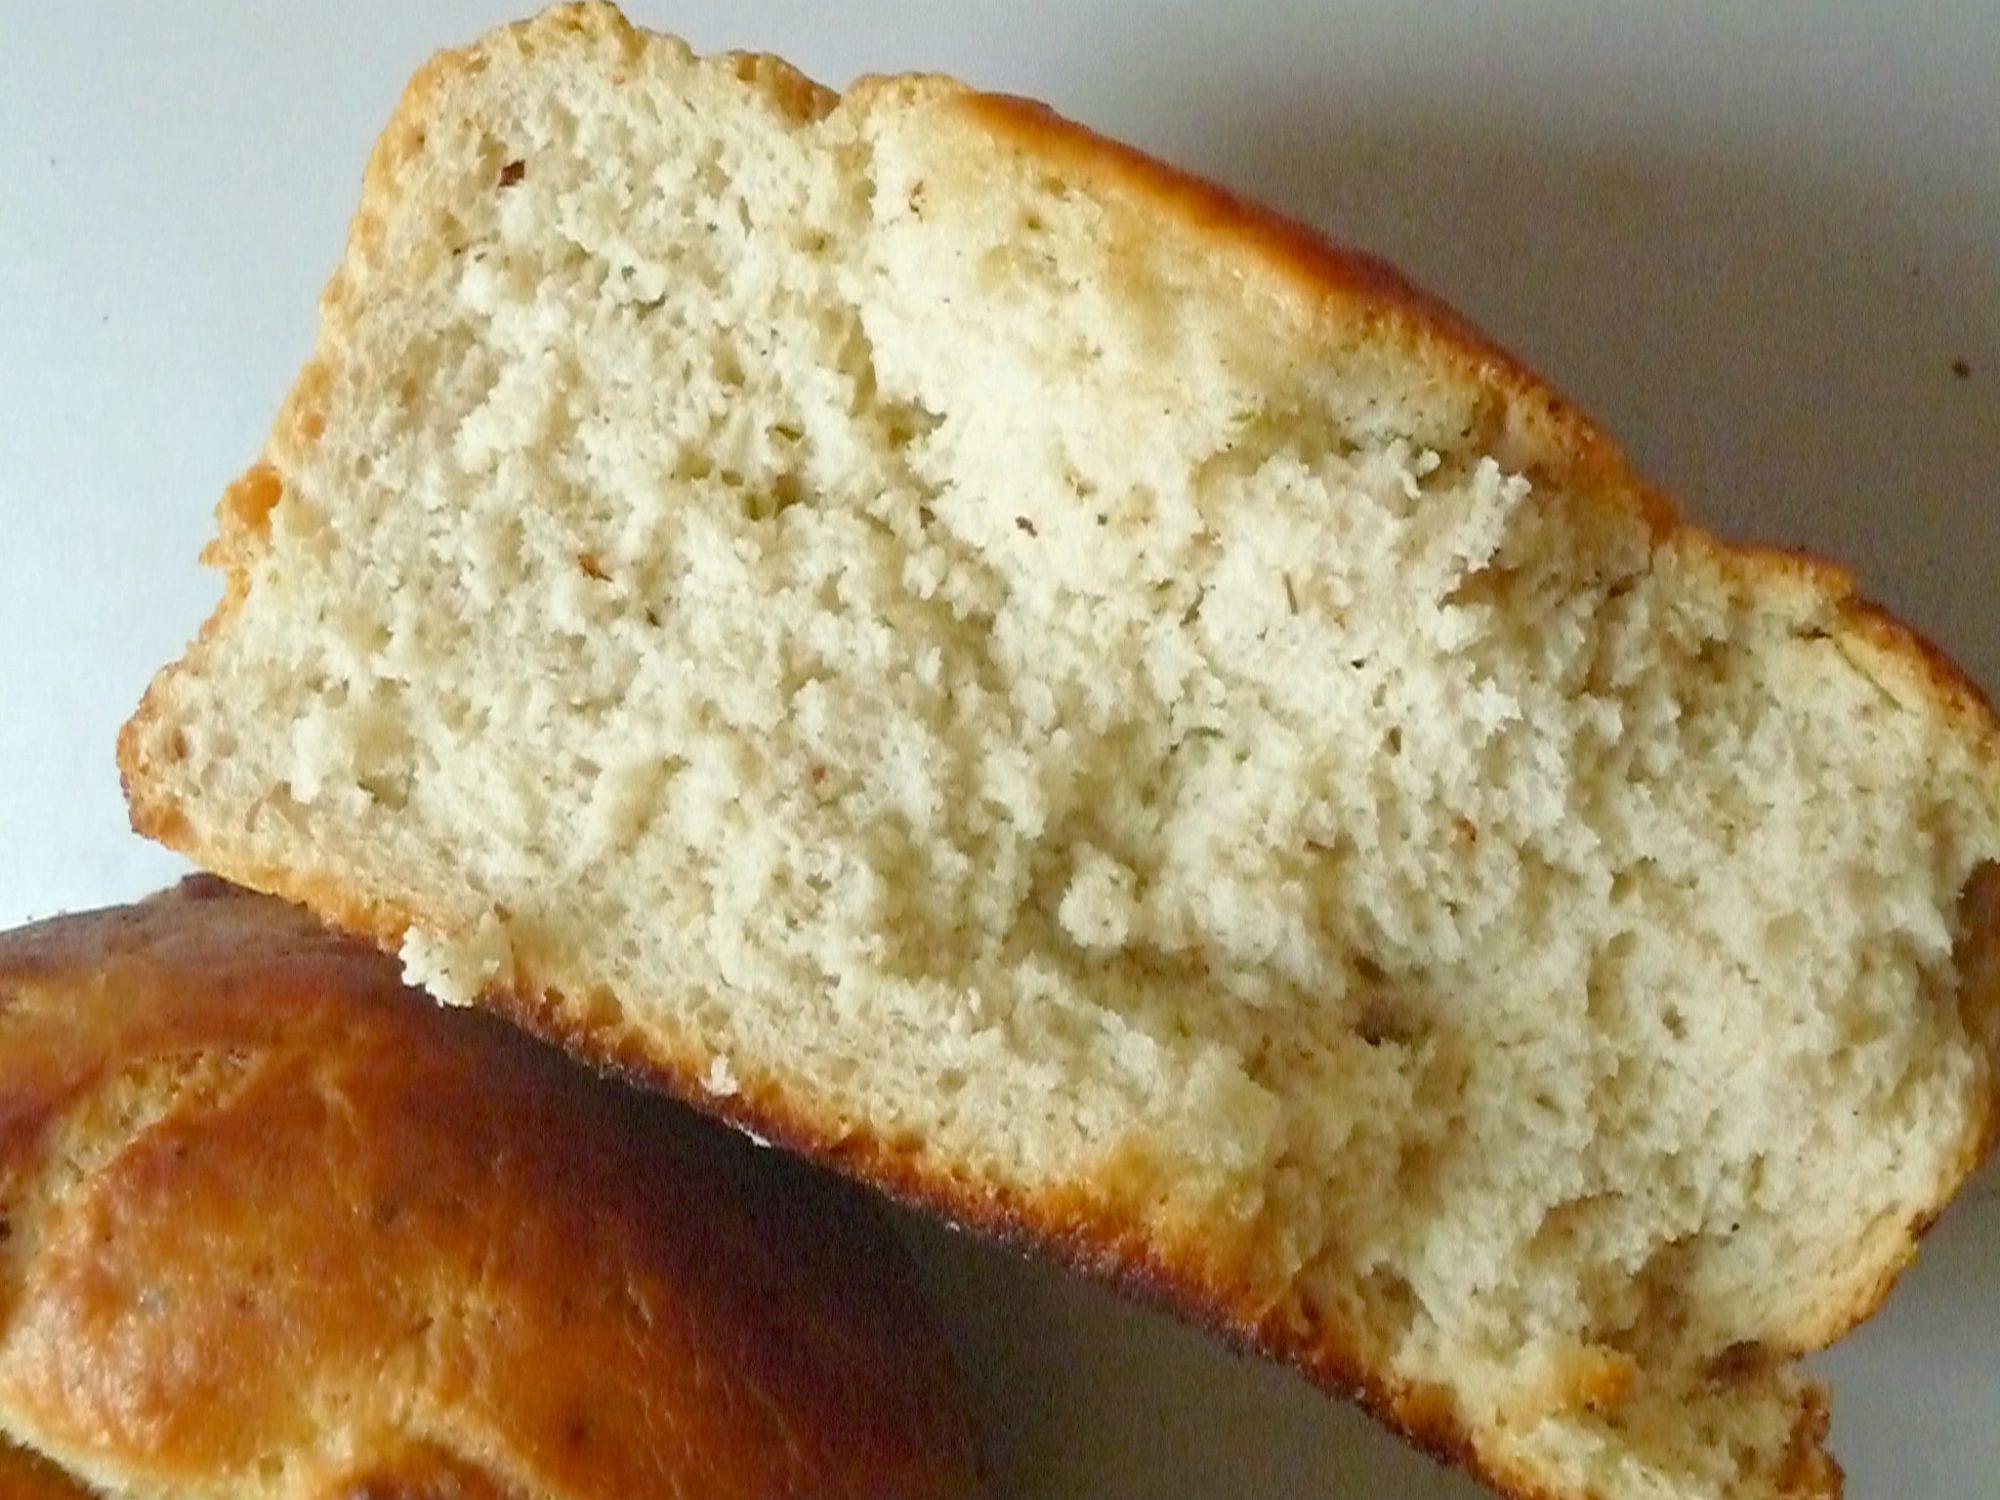 Gluten Free bread recipe 2